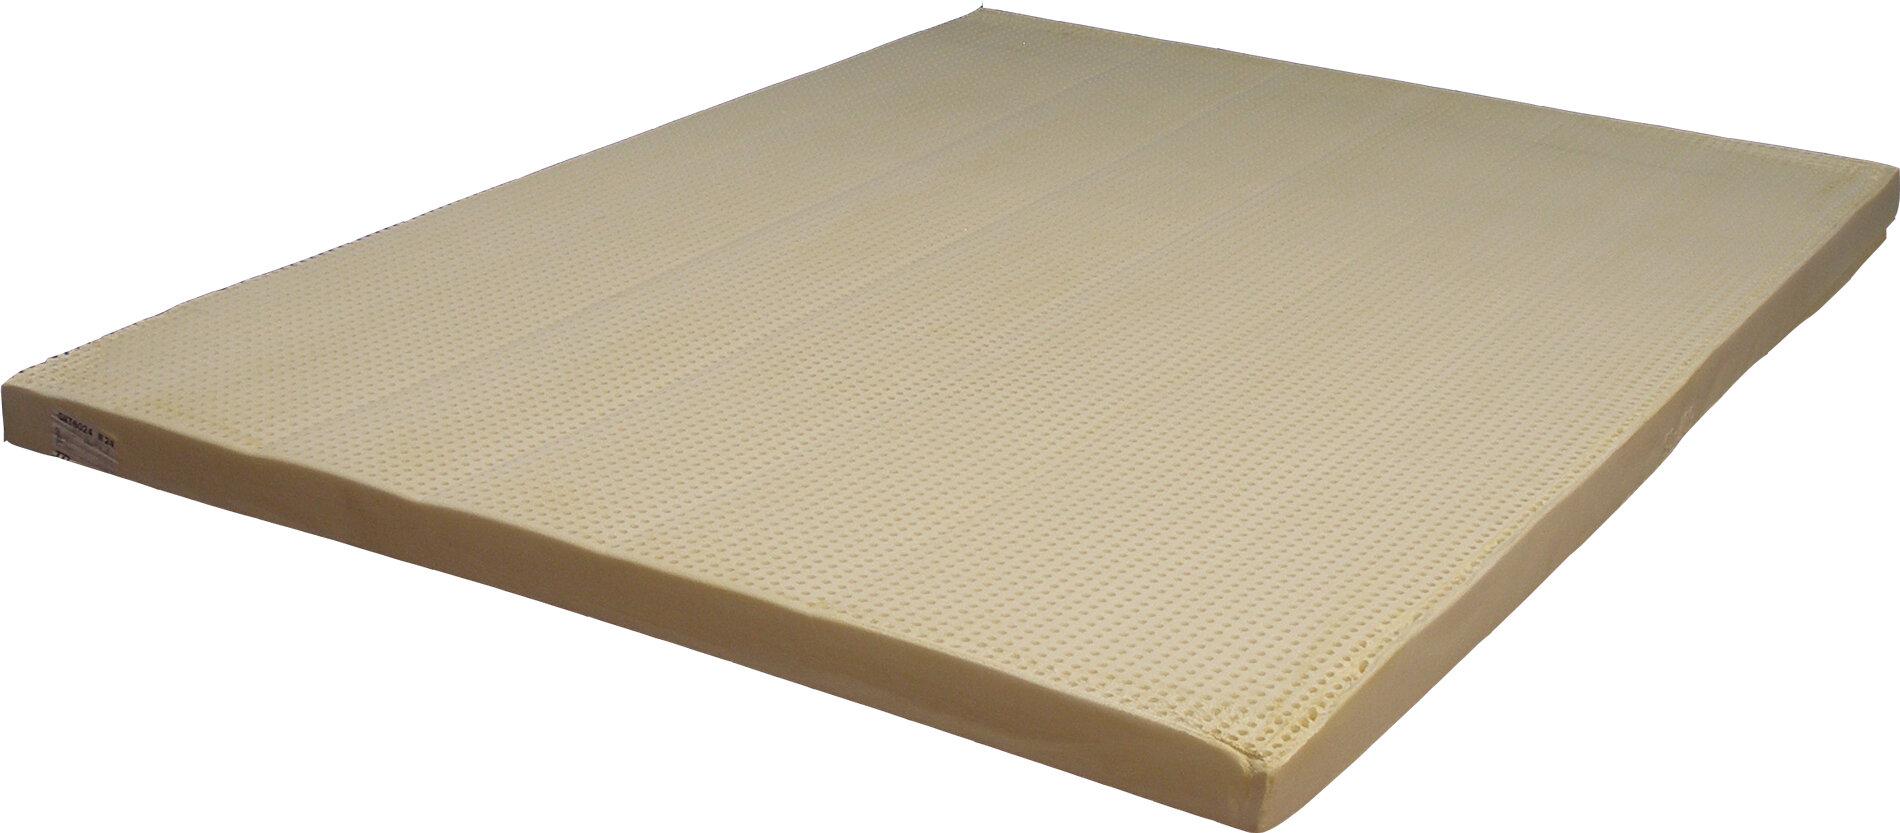 Strobel Technologies 3 Memory Foam Mattress Topper Reviews Wayfair